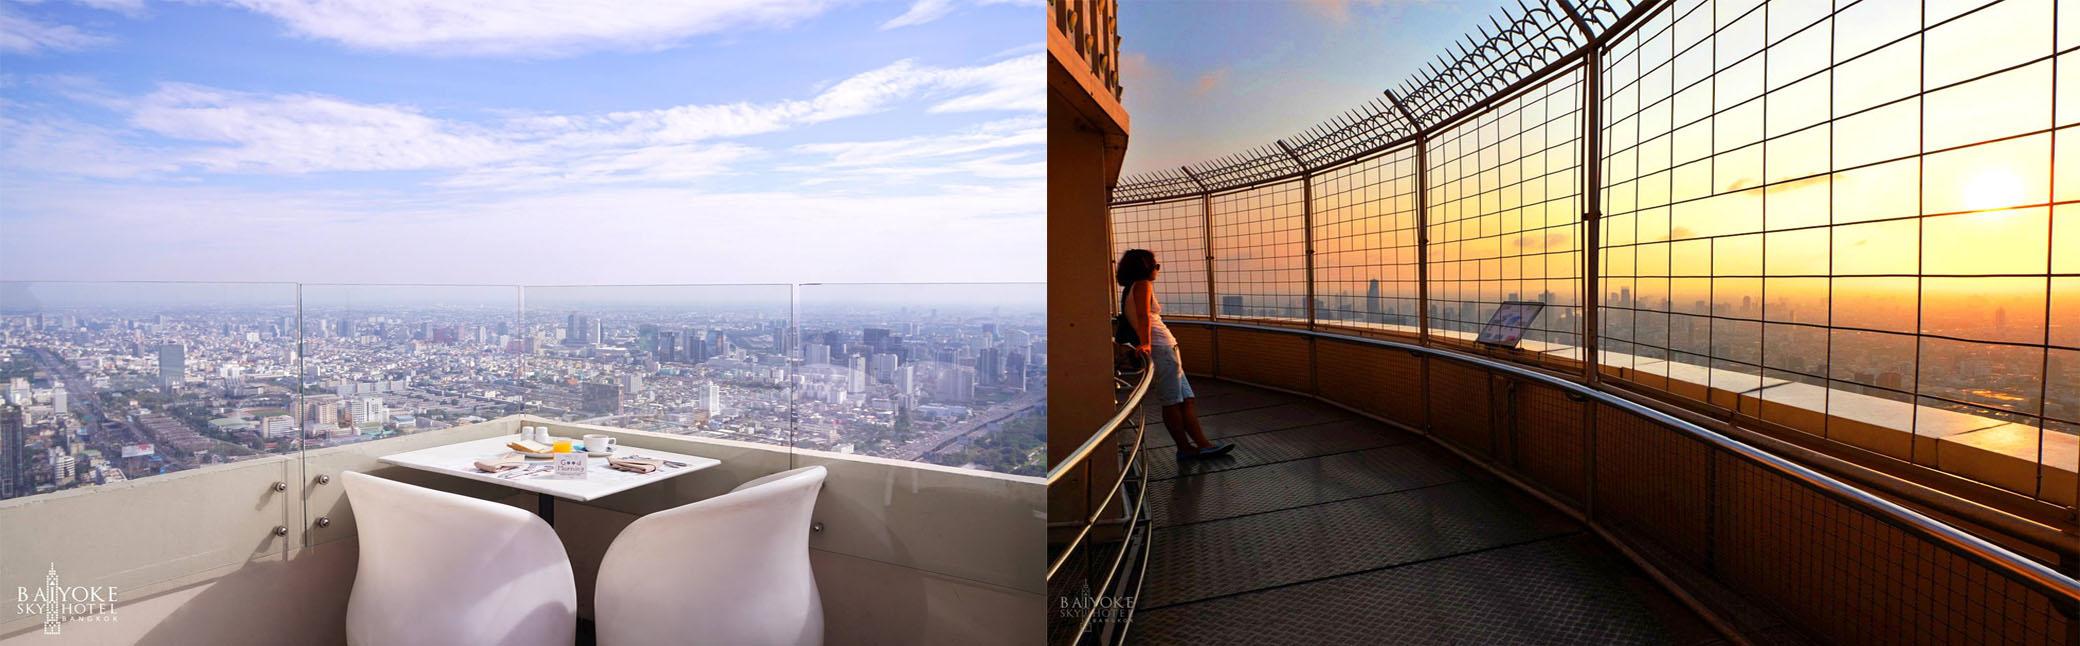 [มื้อกลางวัน] กับ บุฟเฟต์สูงเสียดฟ้า ใบหยกสกายส์ ชั้น 81/82 อาหารทะเล ซาซิมิ สเต๊ก @BAIYOKE